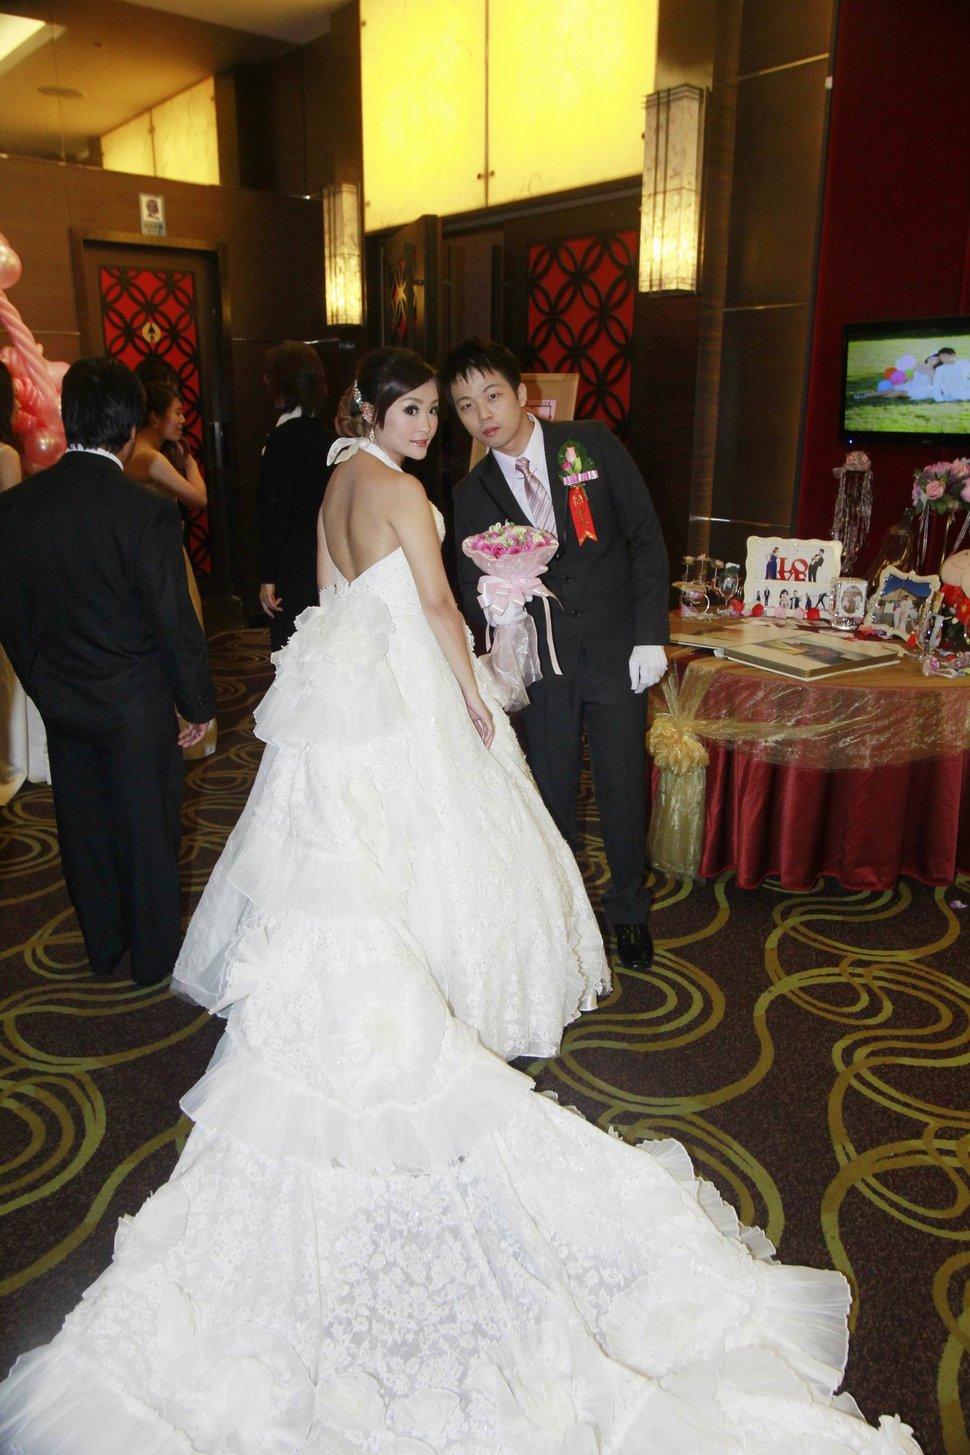 蜜月婚攝新莊美食喜相逢餐廳會館結婚迎娶儀式晚宴婚禮記錄動態微電影錄影專業錄影平面攝影婚攝婚禮主持人(編號:270543) - 蜜月拍照10800錄影12800攝影團隊 - 結婚吧